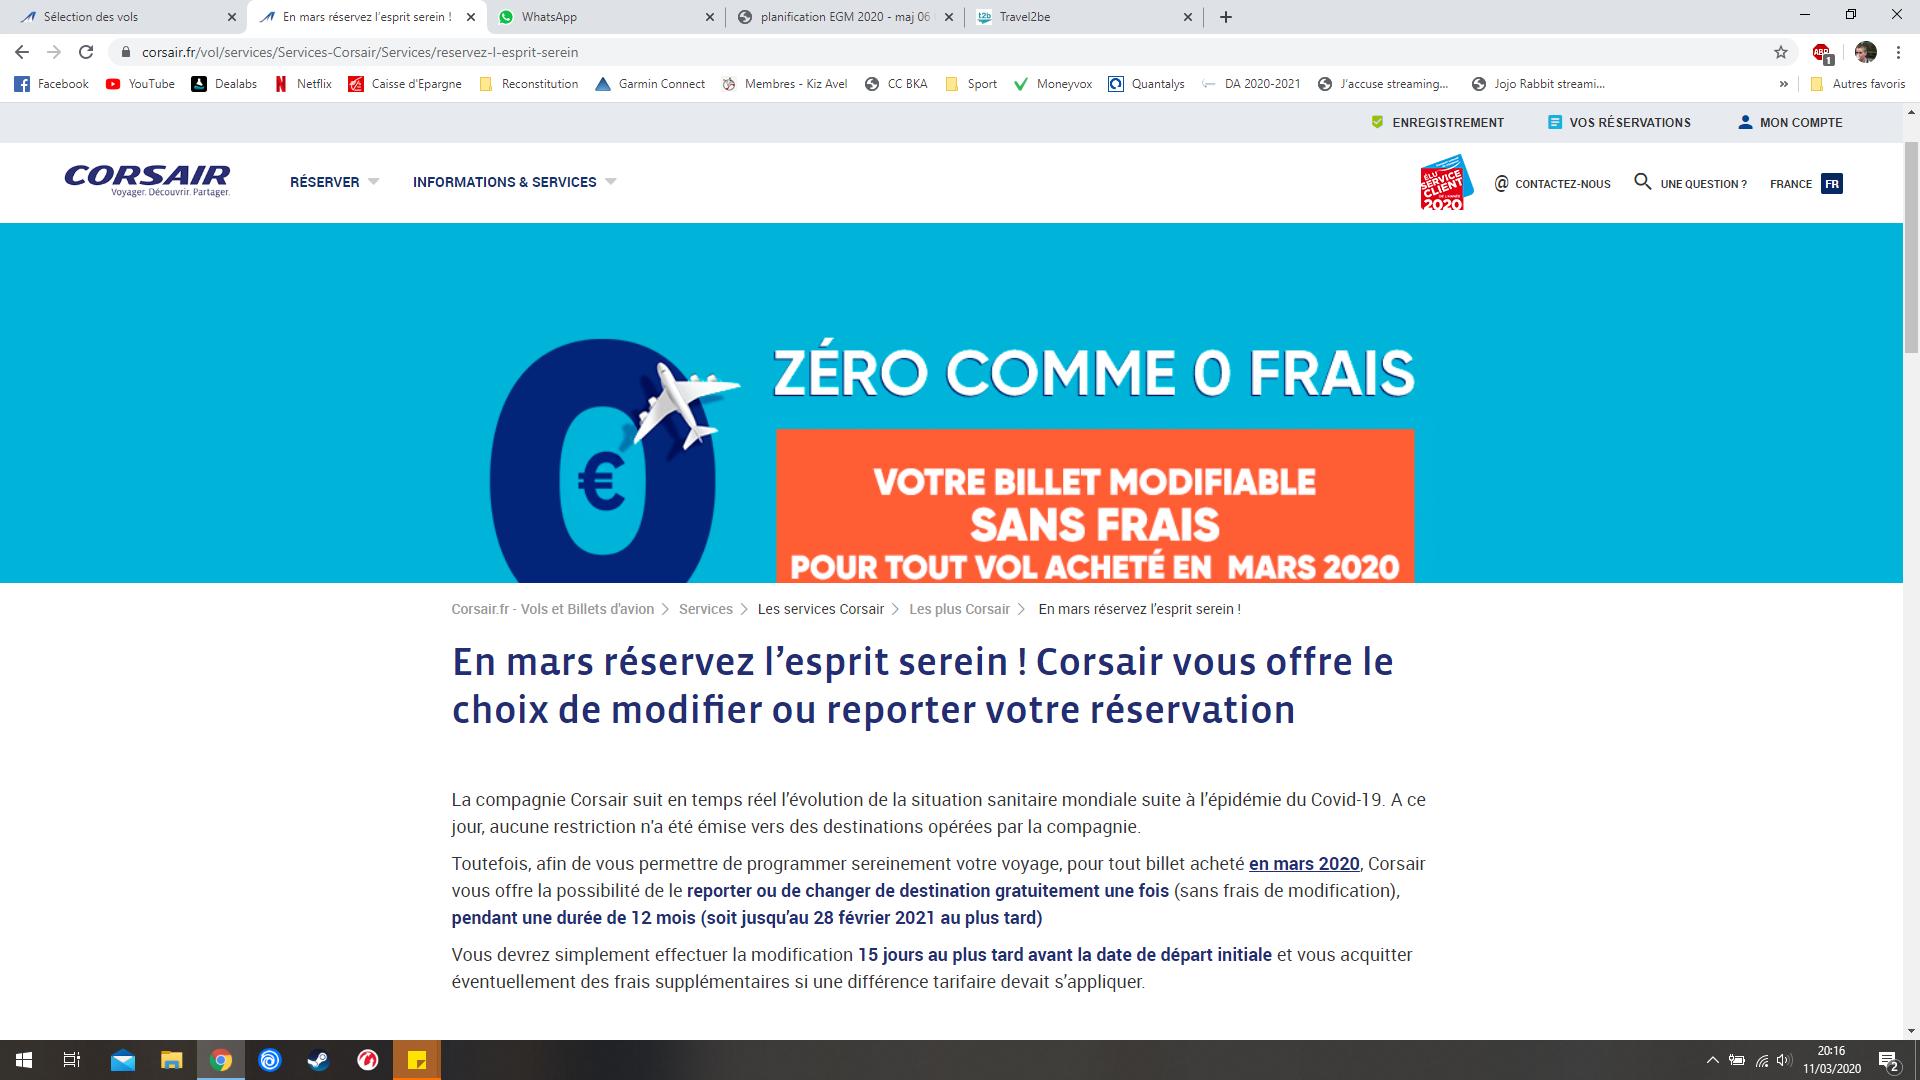 Corsair0frais